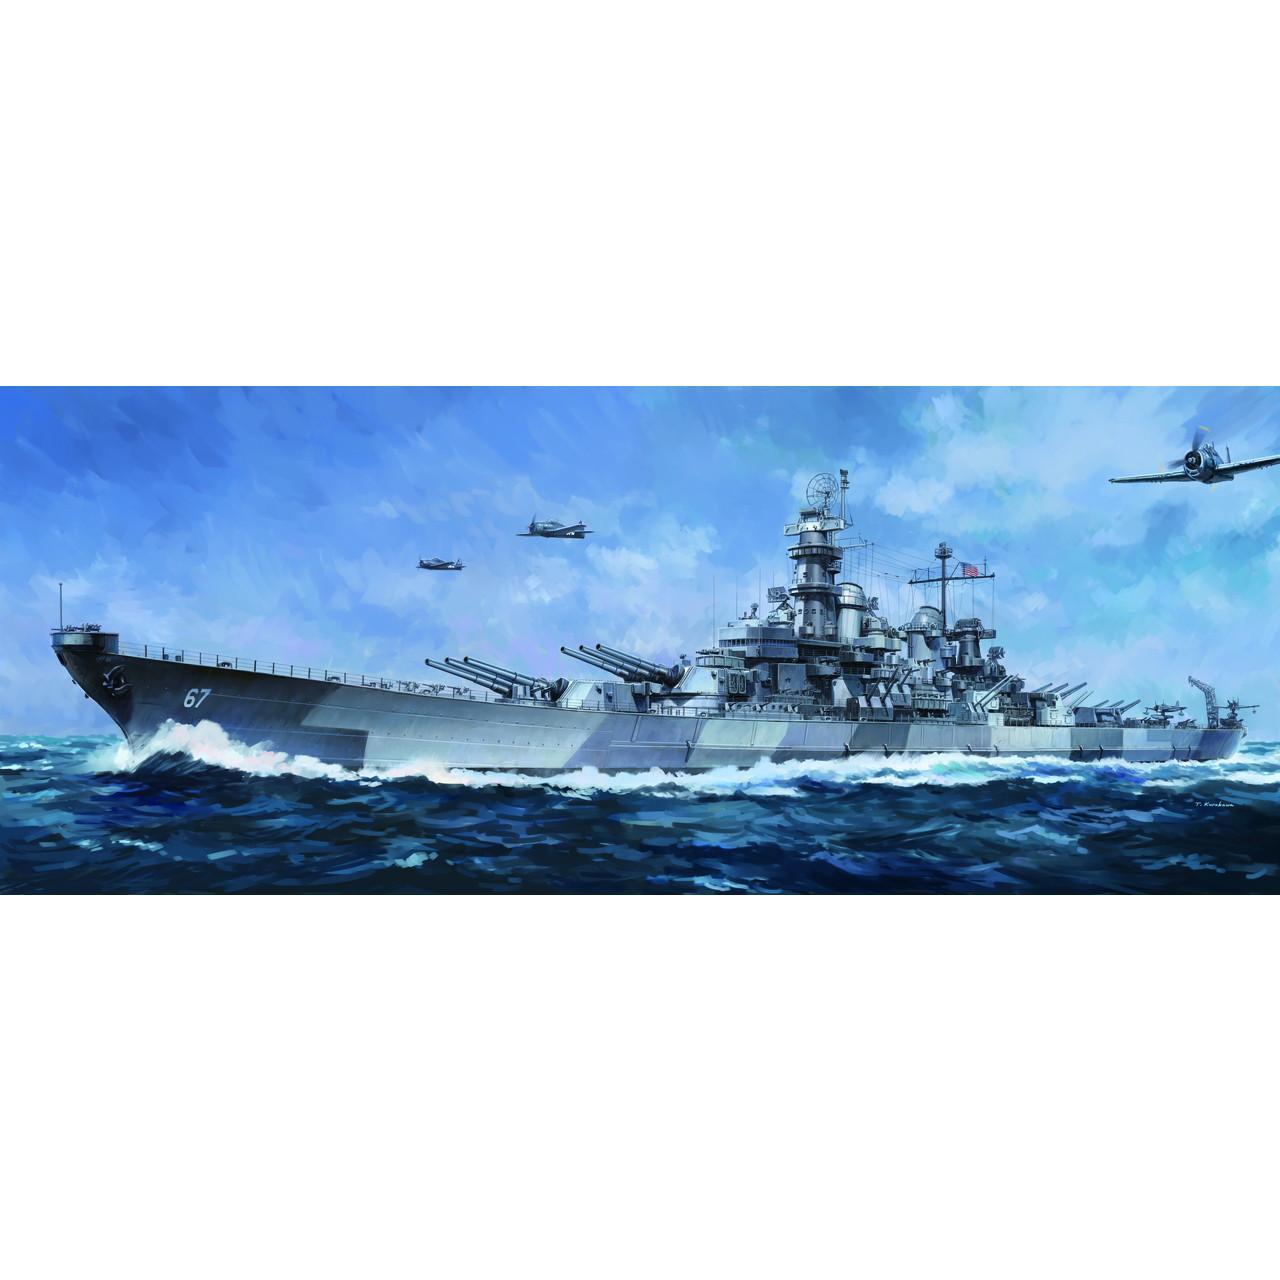 【新製品】VFM350913 米国海軍 モンタナ級戦艦 BB-67 モンタナ Montana